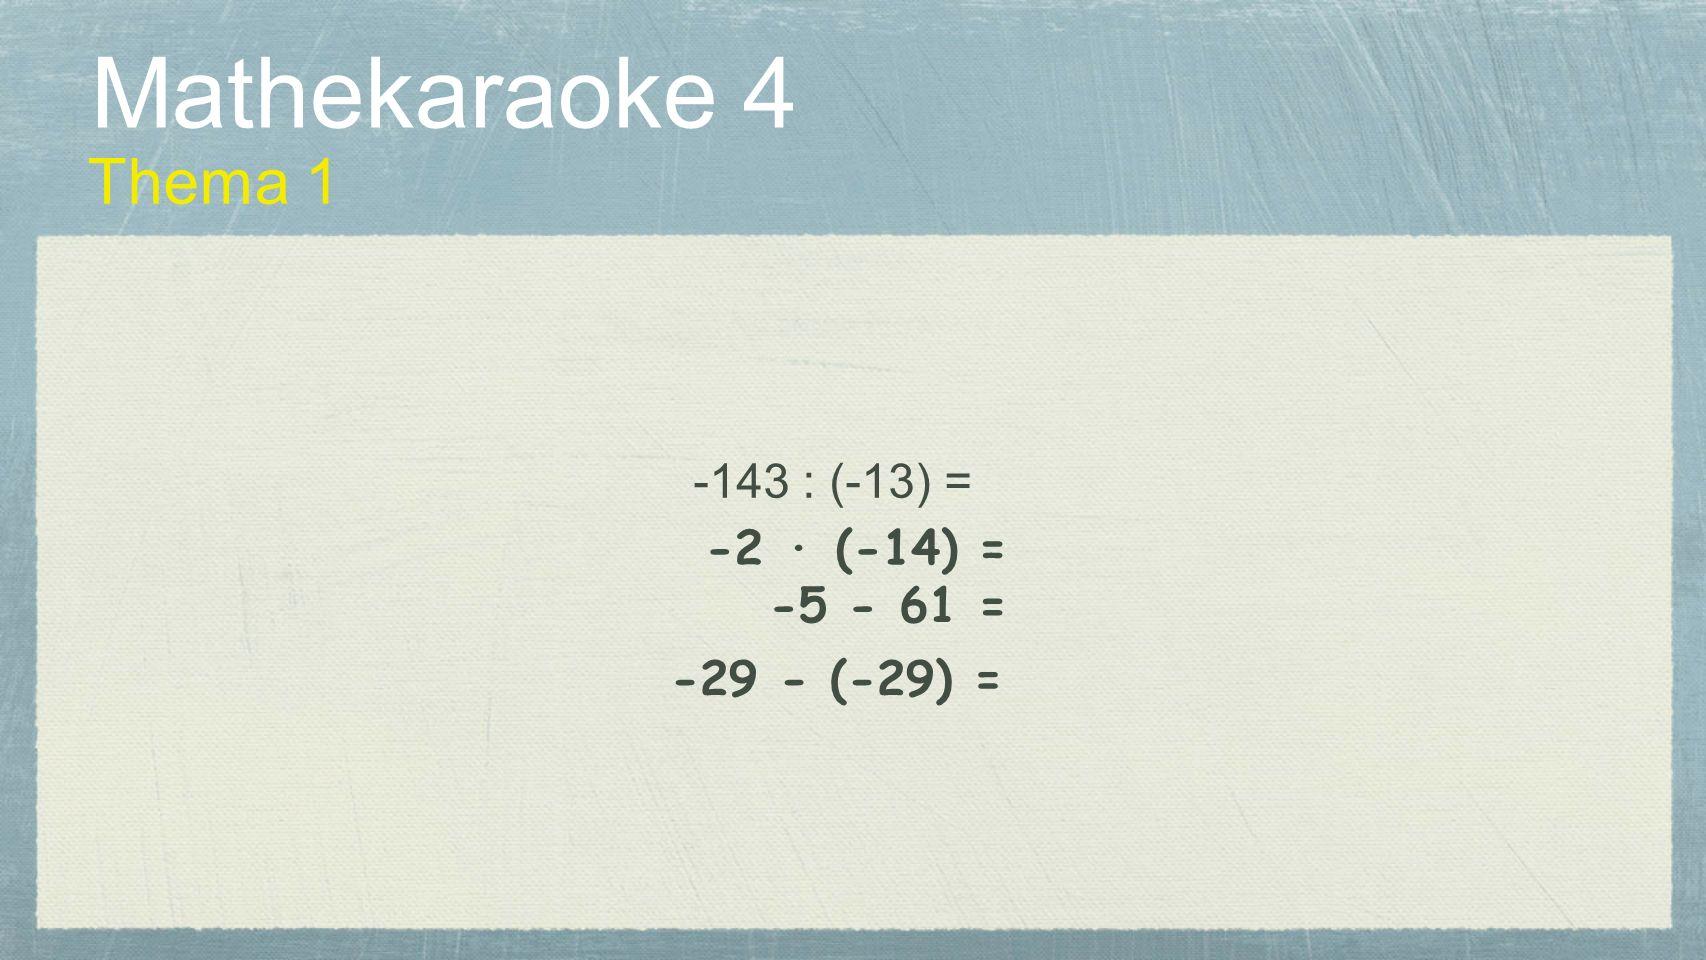 Mathekaraoke 4 Thema 1 -5 - 61 = -2 · (-14) = -29 - (-29) = -143 : (-13) =